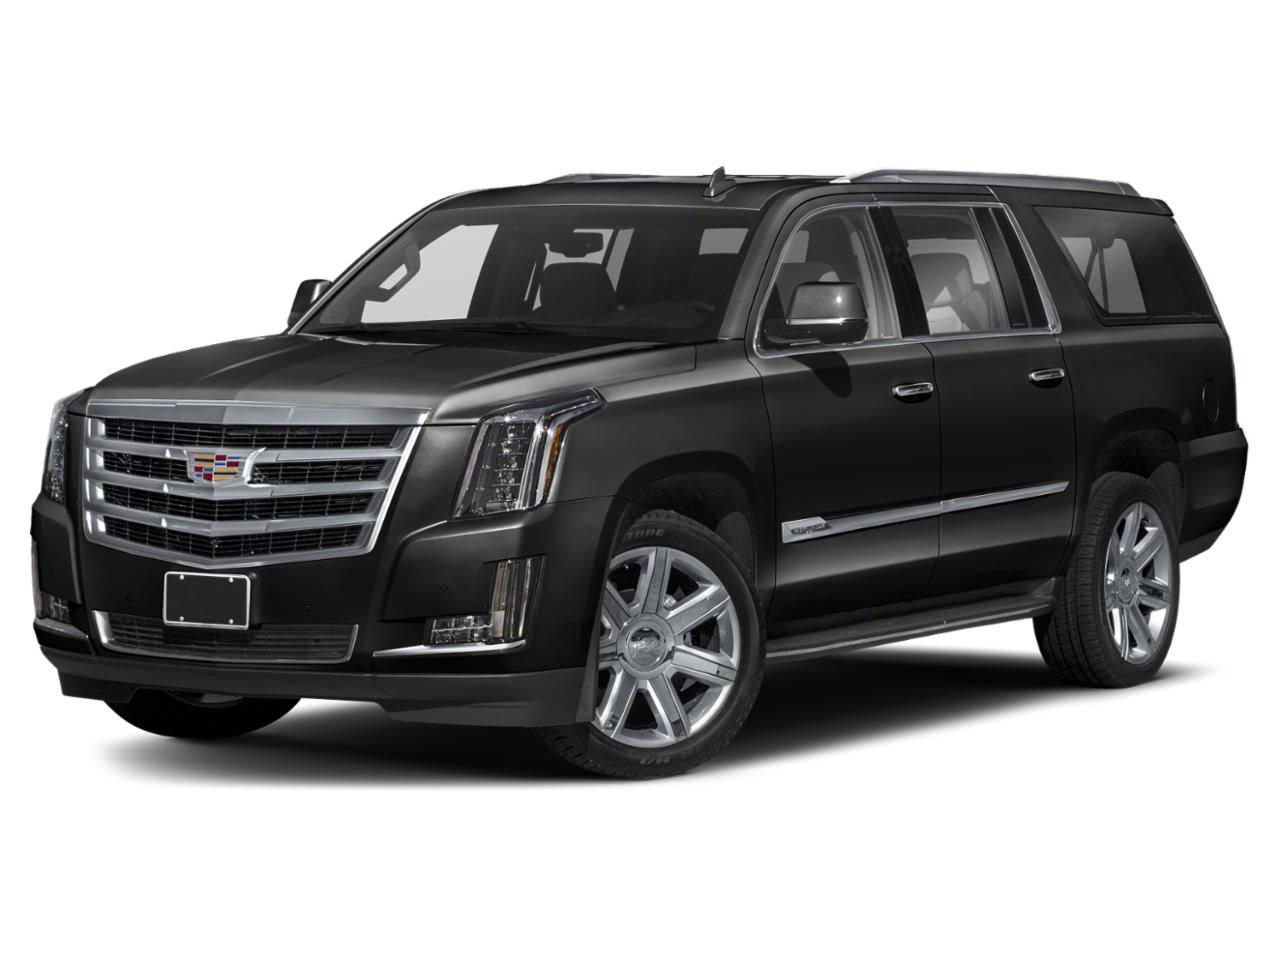 2020 Cadillac Escalade ESV Vehicle Photo in Dallas, TX 75209